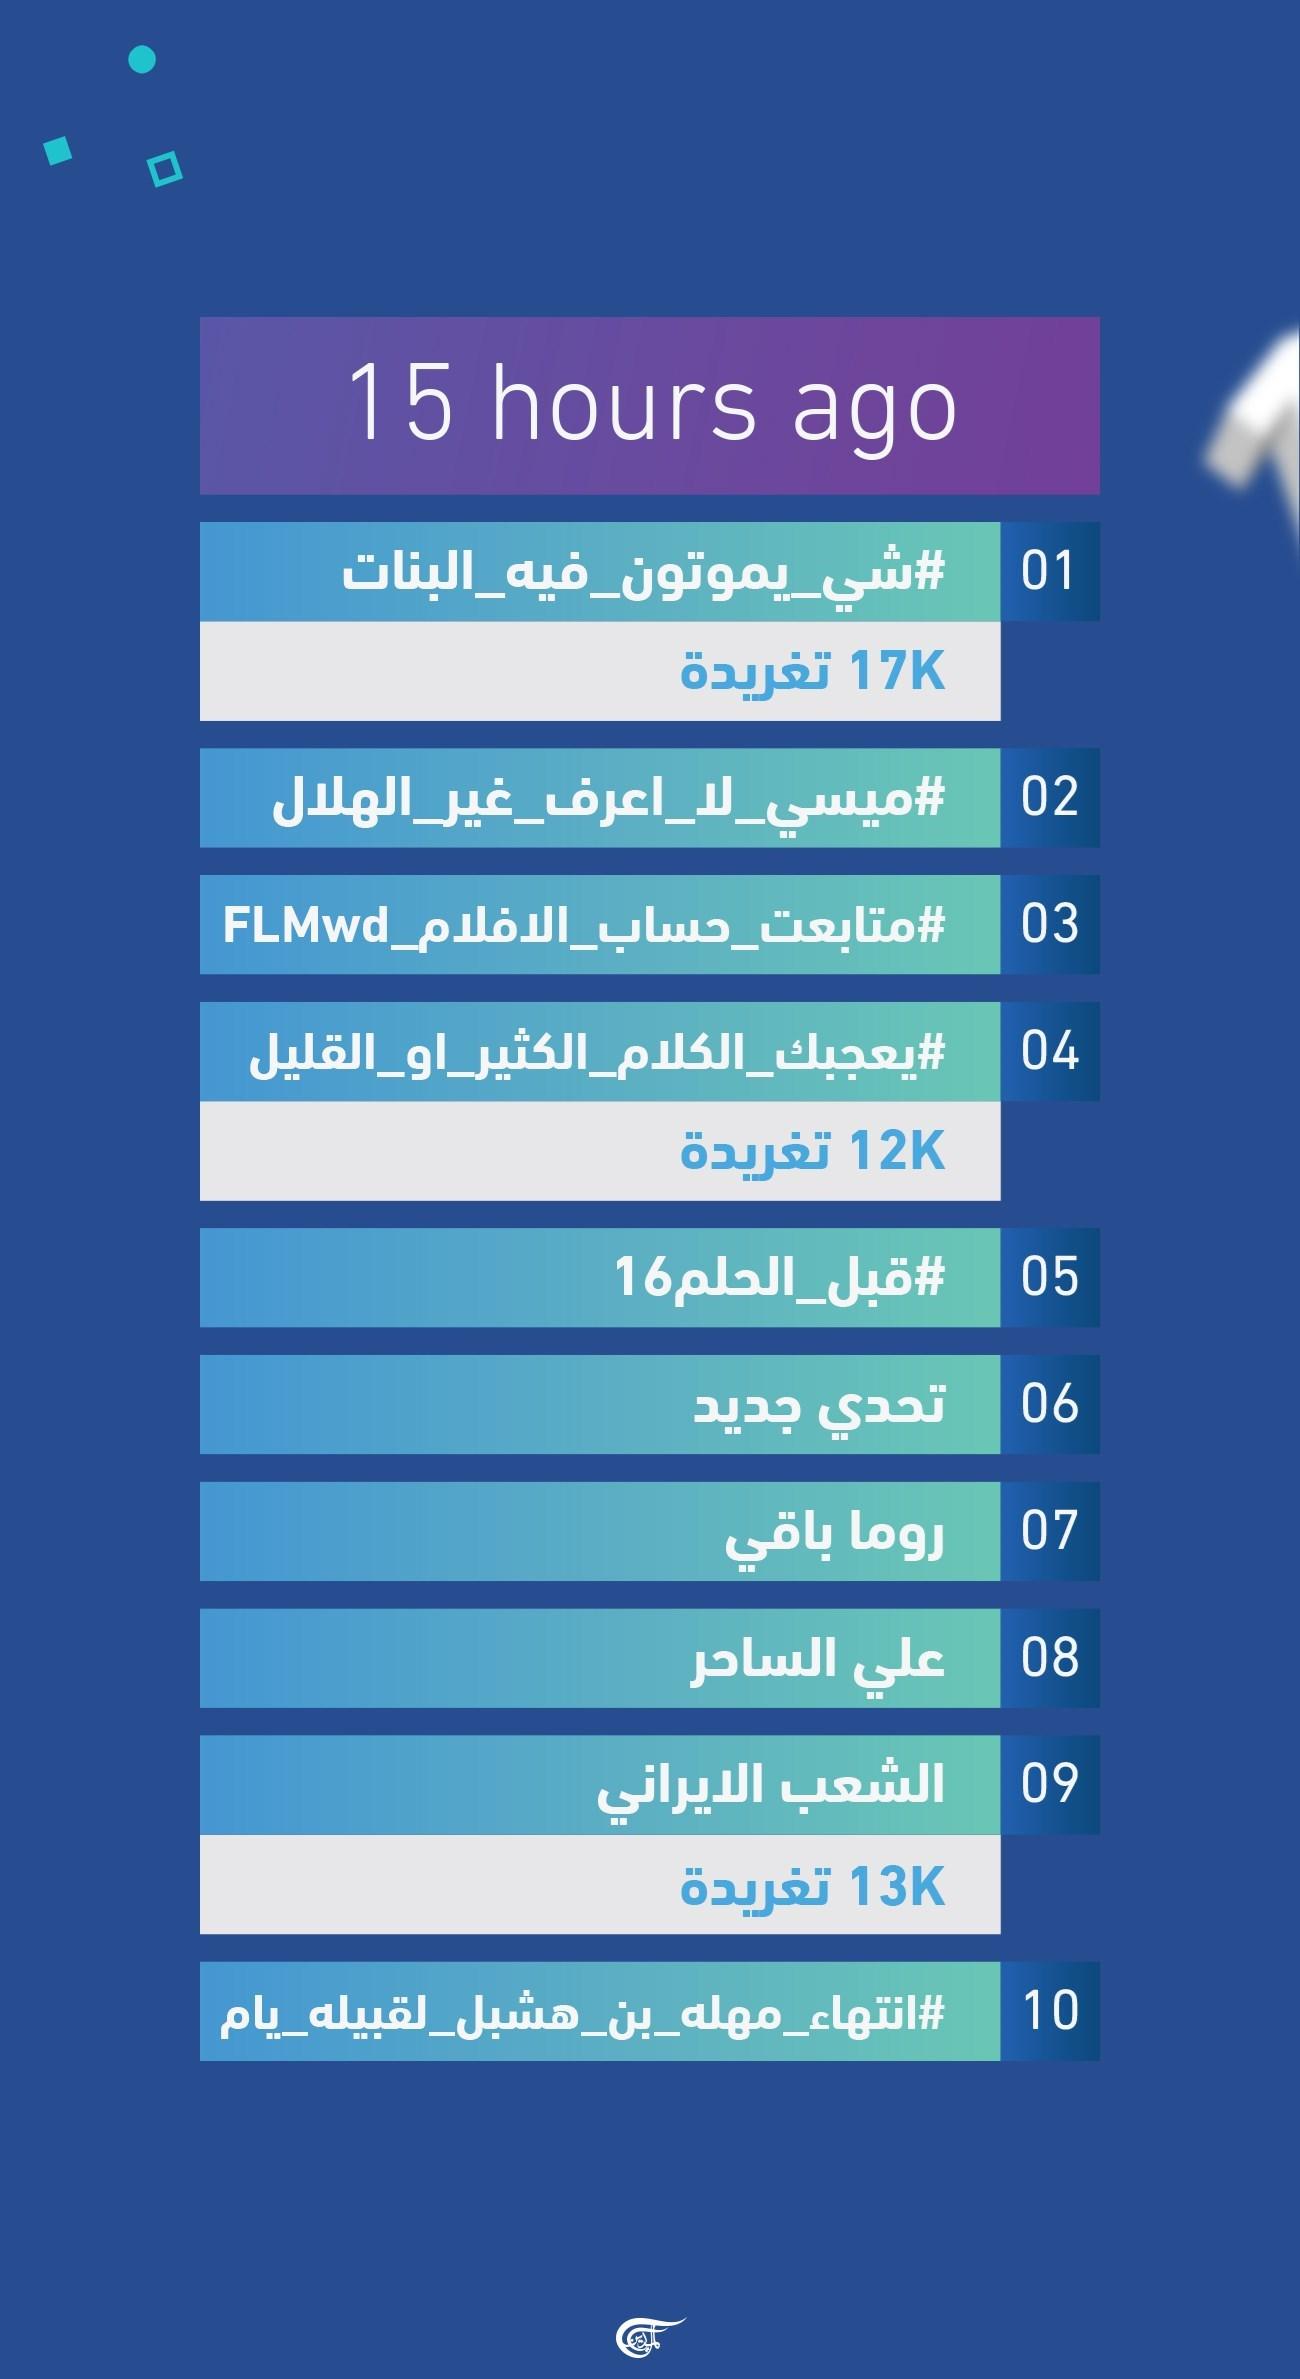 """مرة جديدة.. حساباتٌ سعوديةٌ تروّج لـ """"انتفاضة"""" في إيران على غرار لبنان والعراق"""